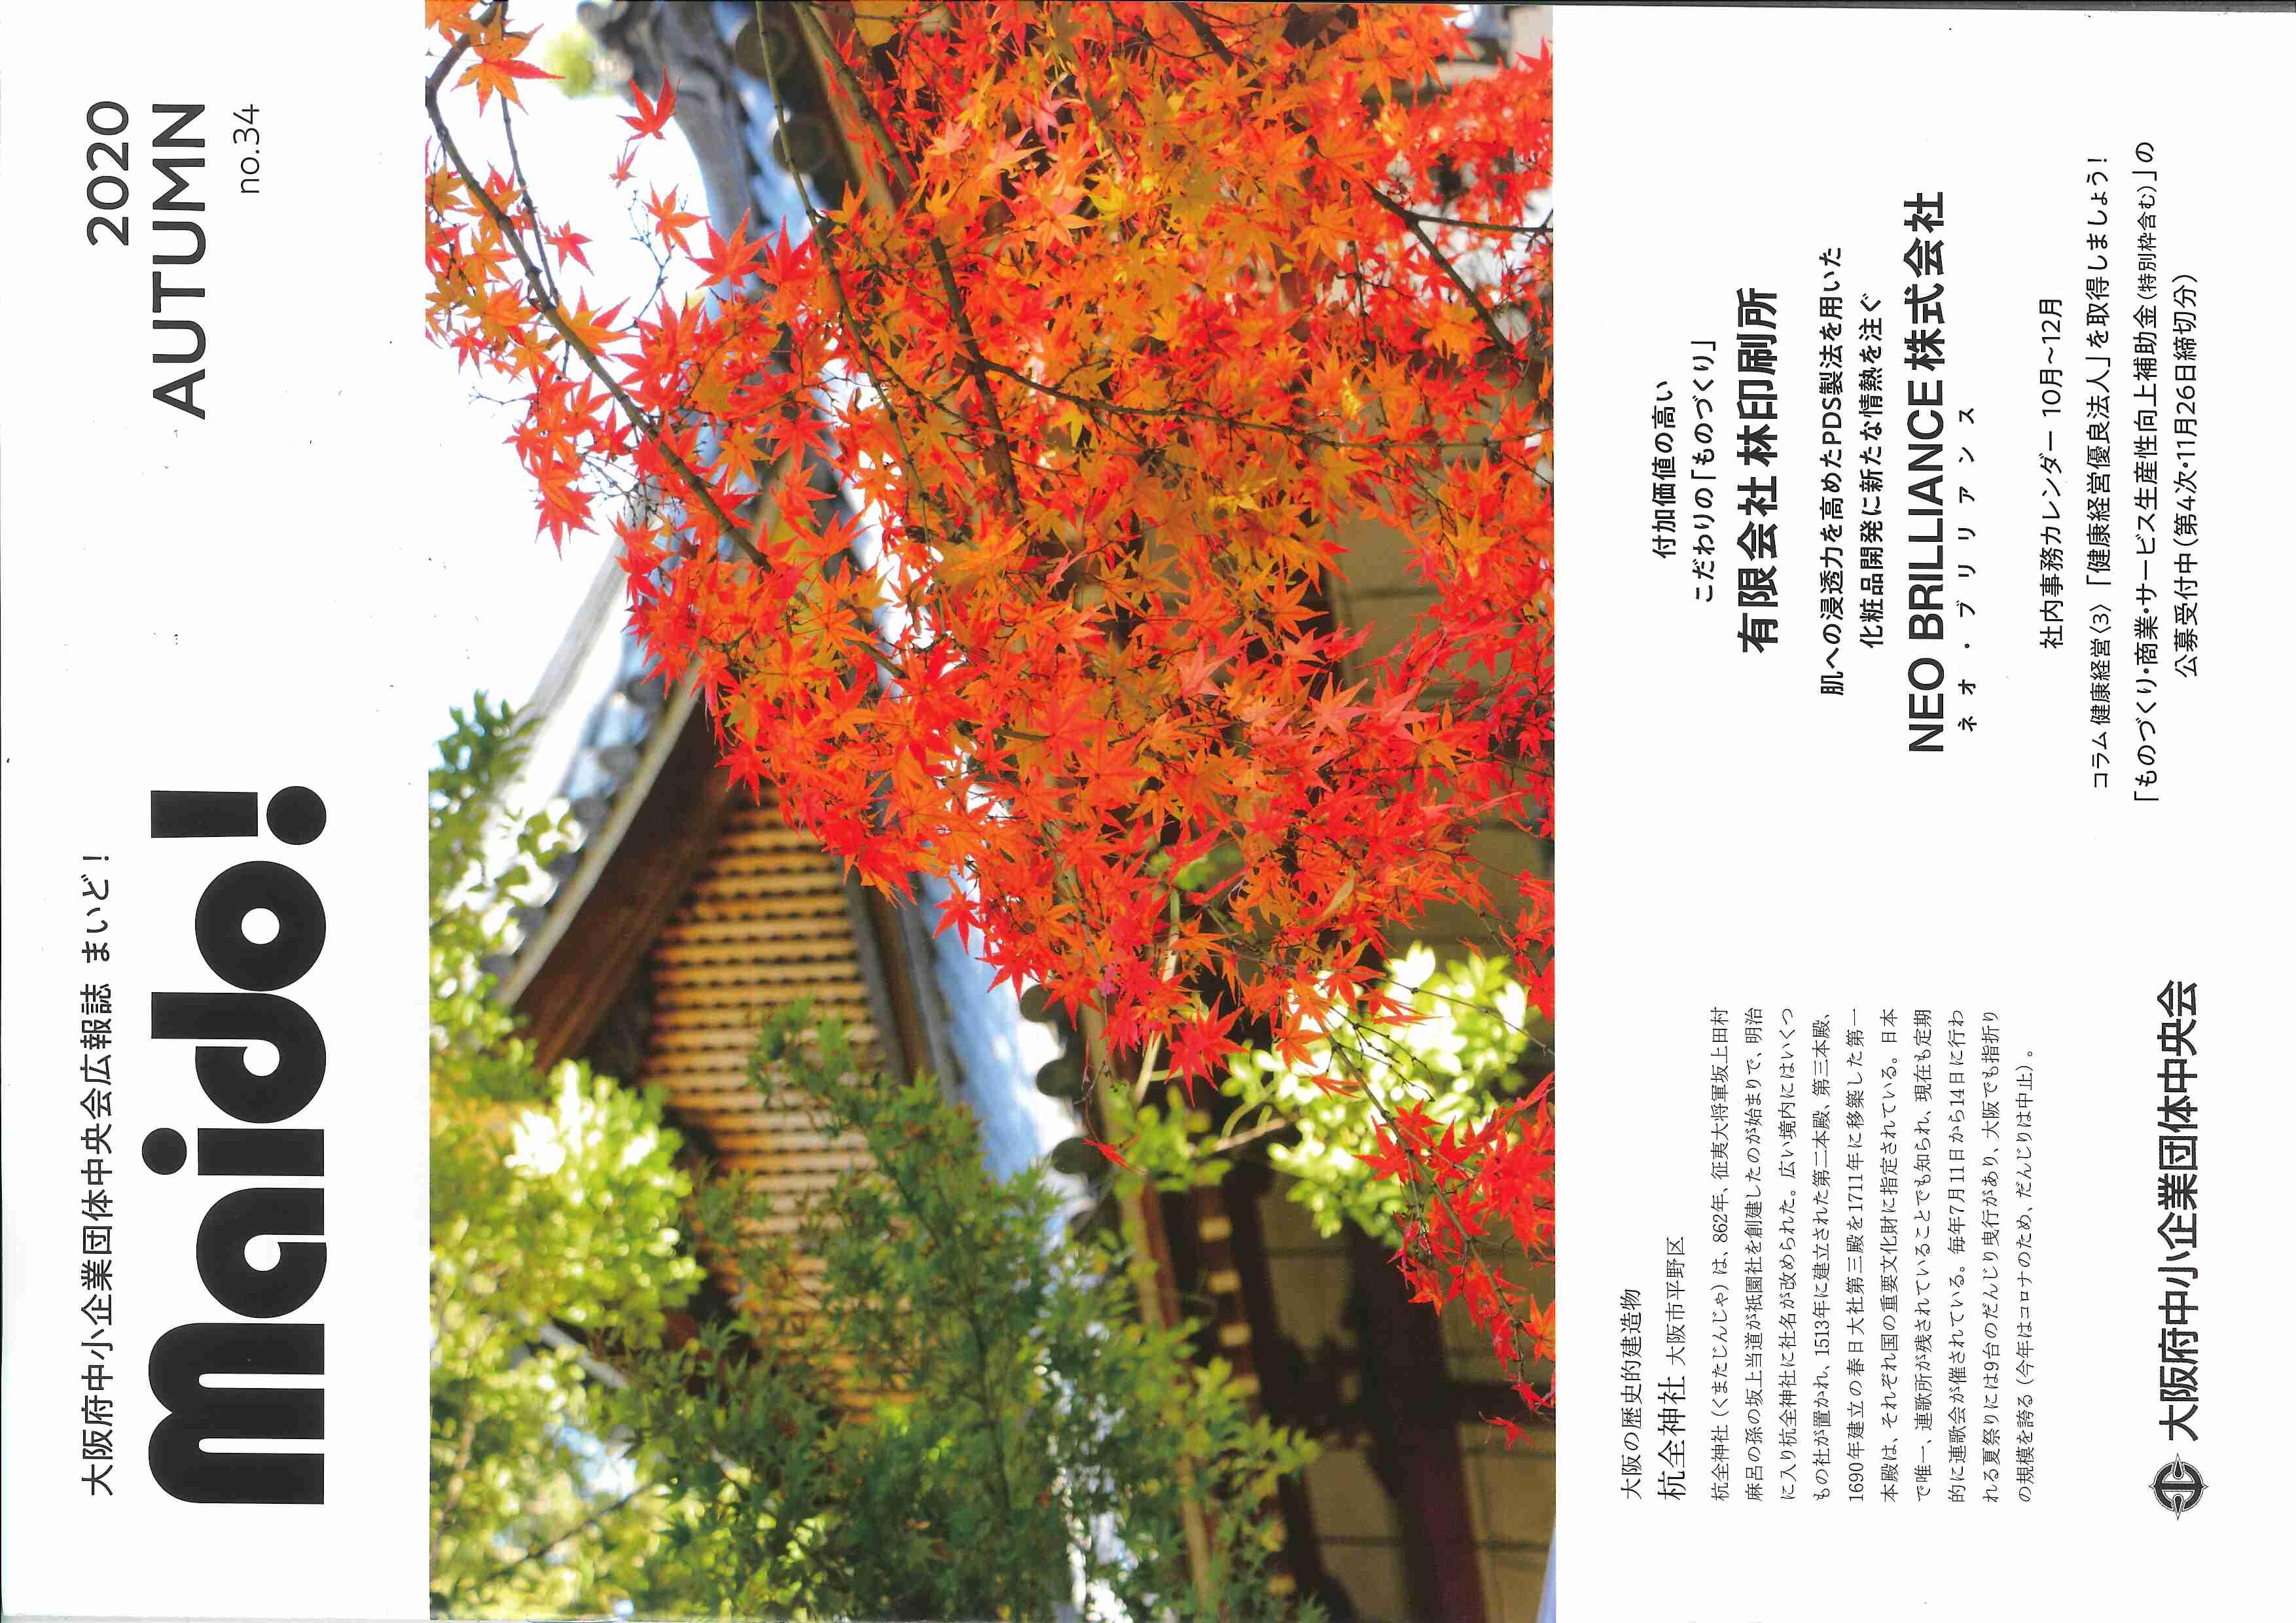 大阪府中小企業団体中央会の広報誌『maido!』秋号に掲載して頂きました。